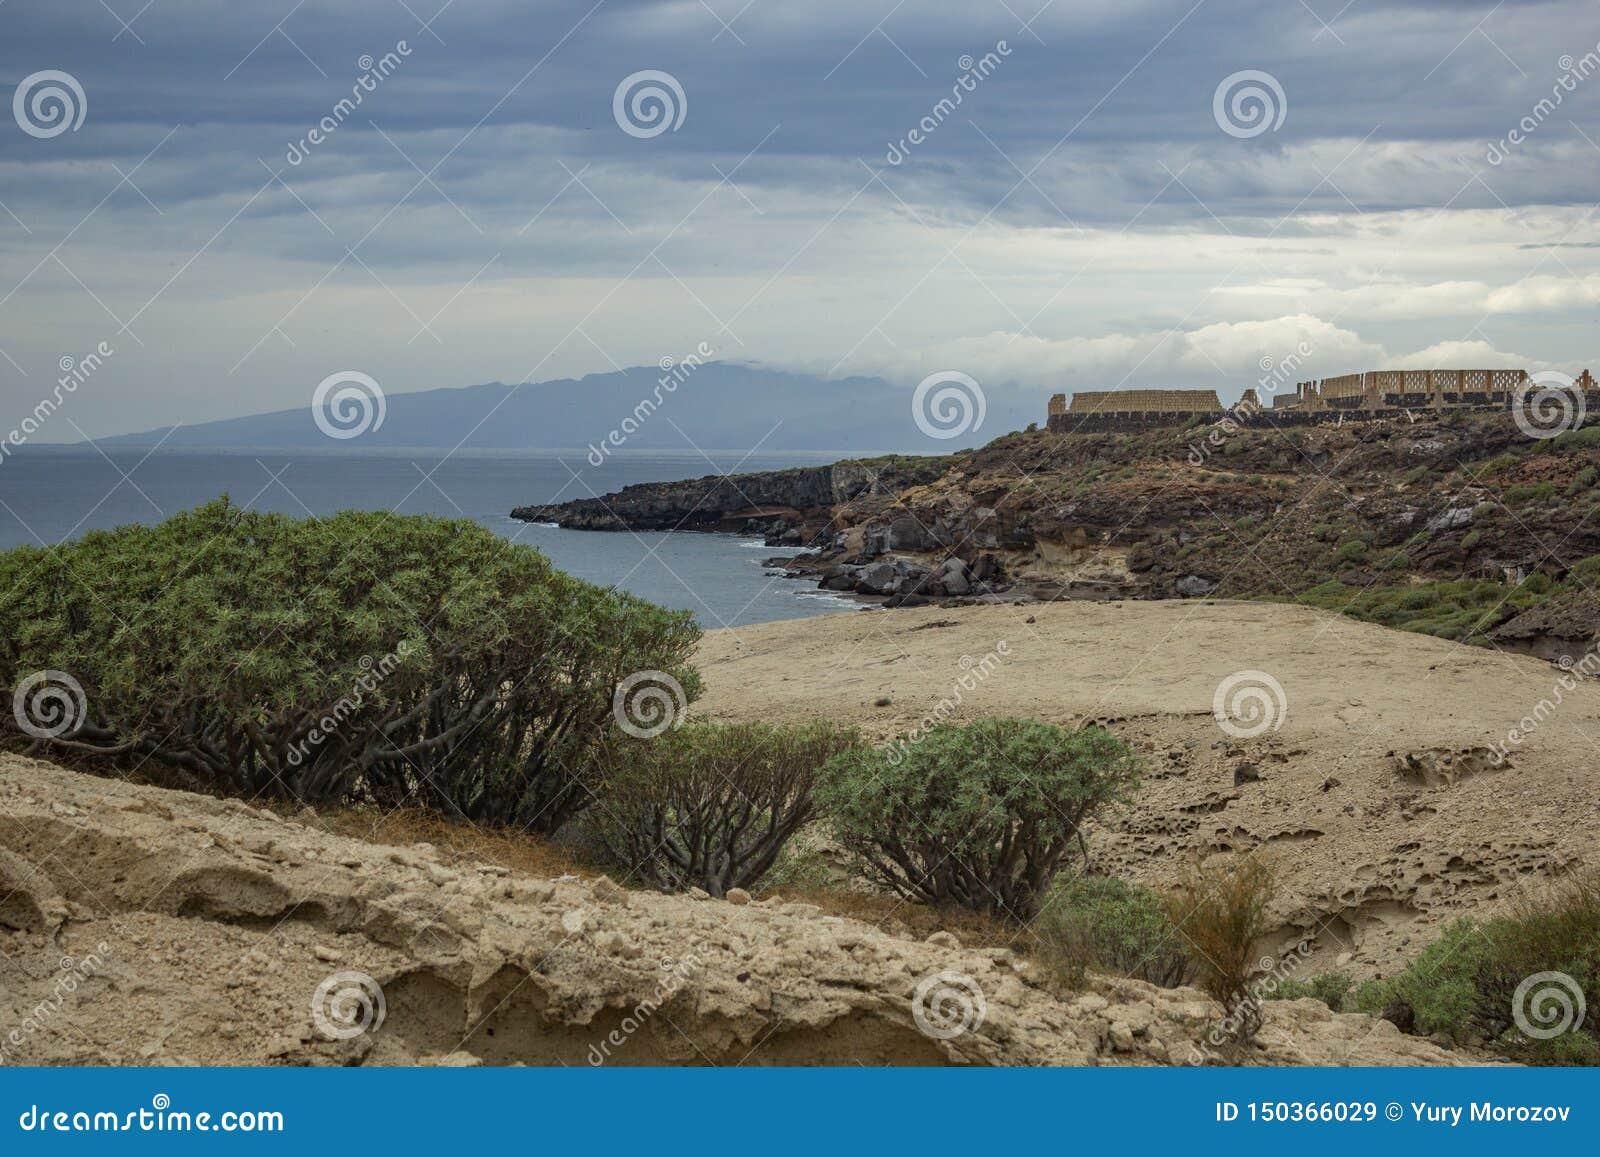 Typowy jaru otaczanie canarian endemicznym trojeści euforbii balsamifera w Adeje południe Tenerife, wyspy kanaryjskie